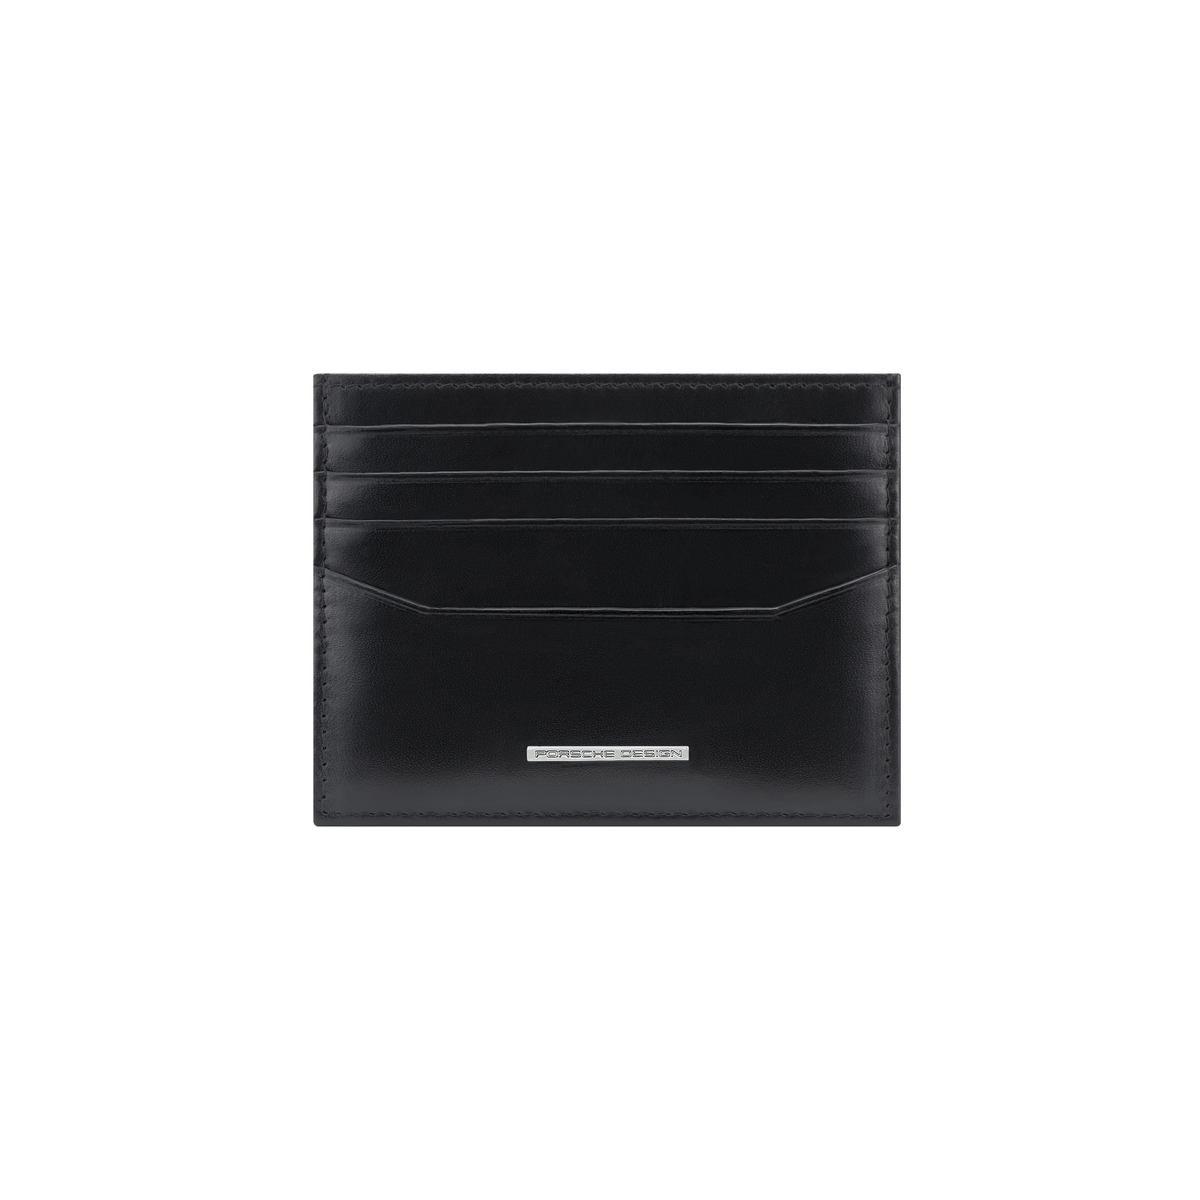 Porsche Design πορτοφόλι για κάρτες δερμάτινο ανδρικό 10x7.8cm σειρά Classic Cardholder 8 Black